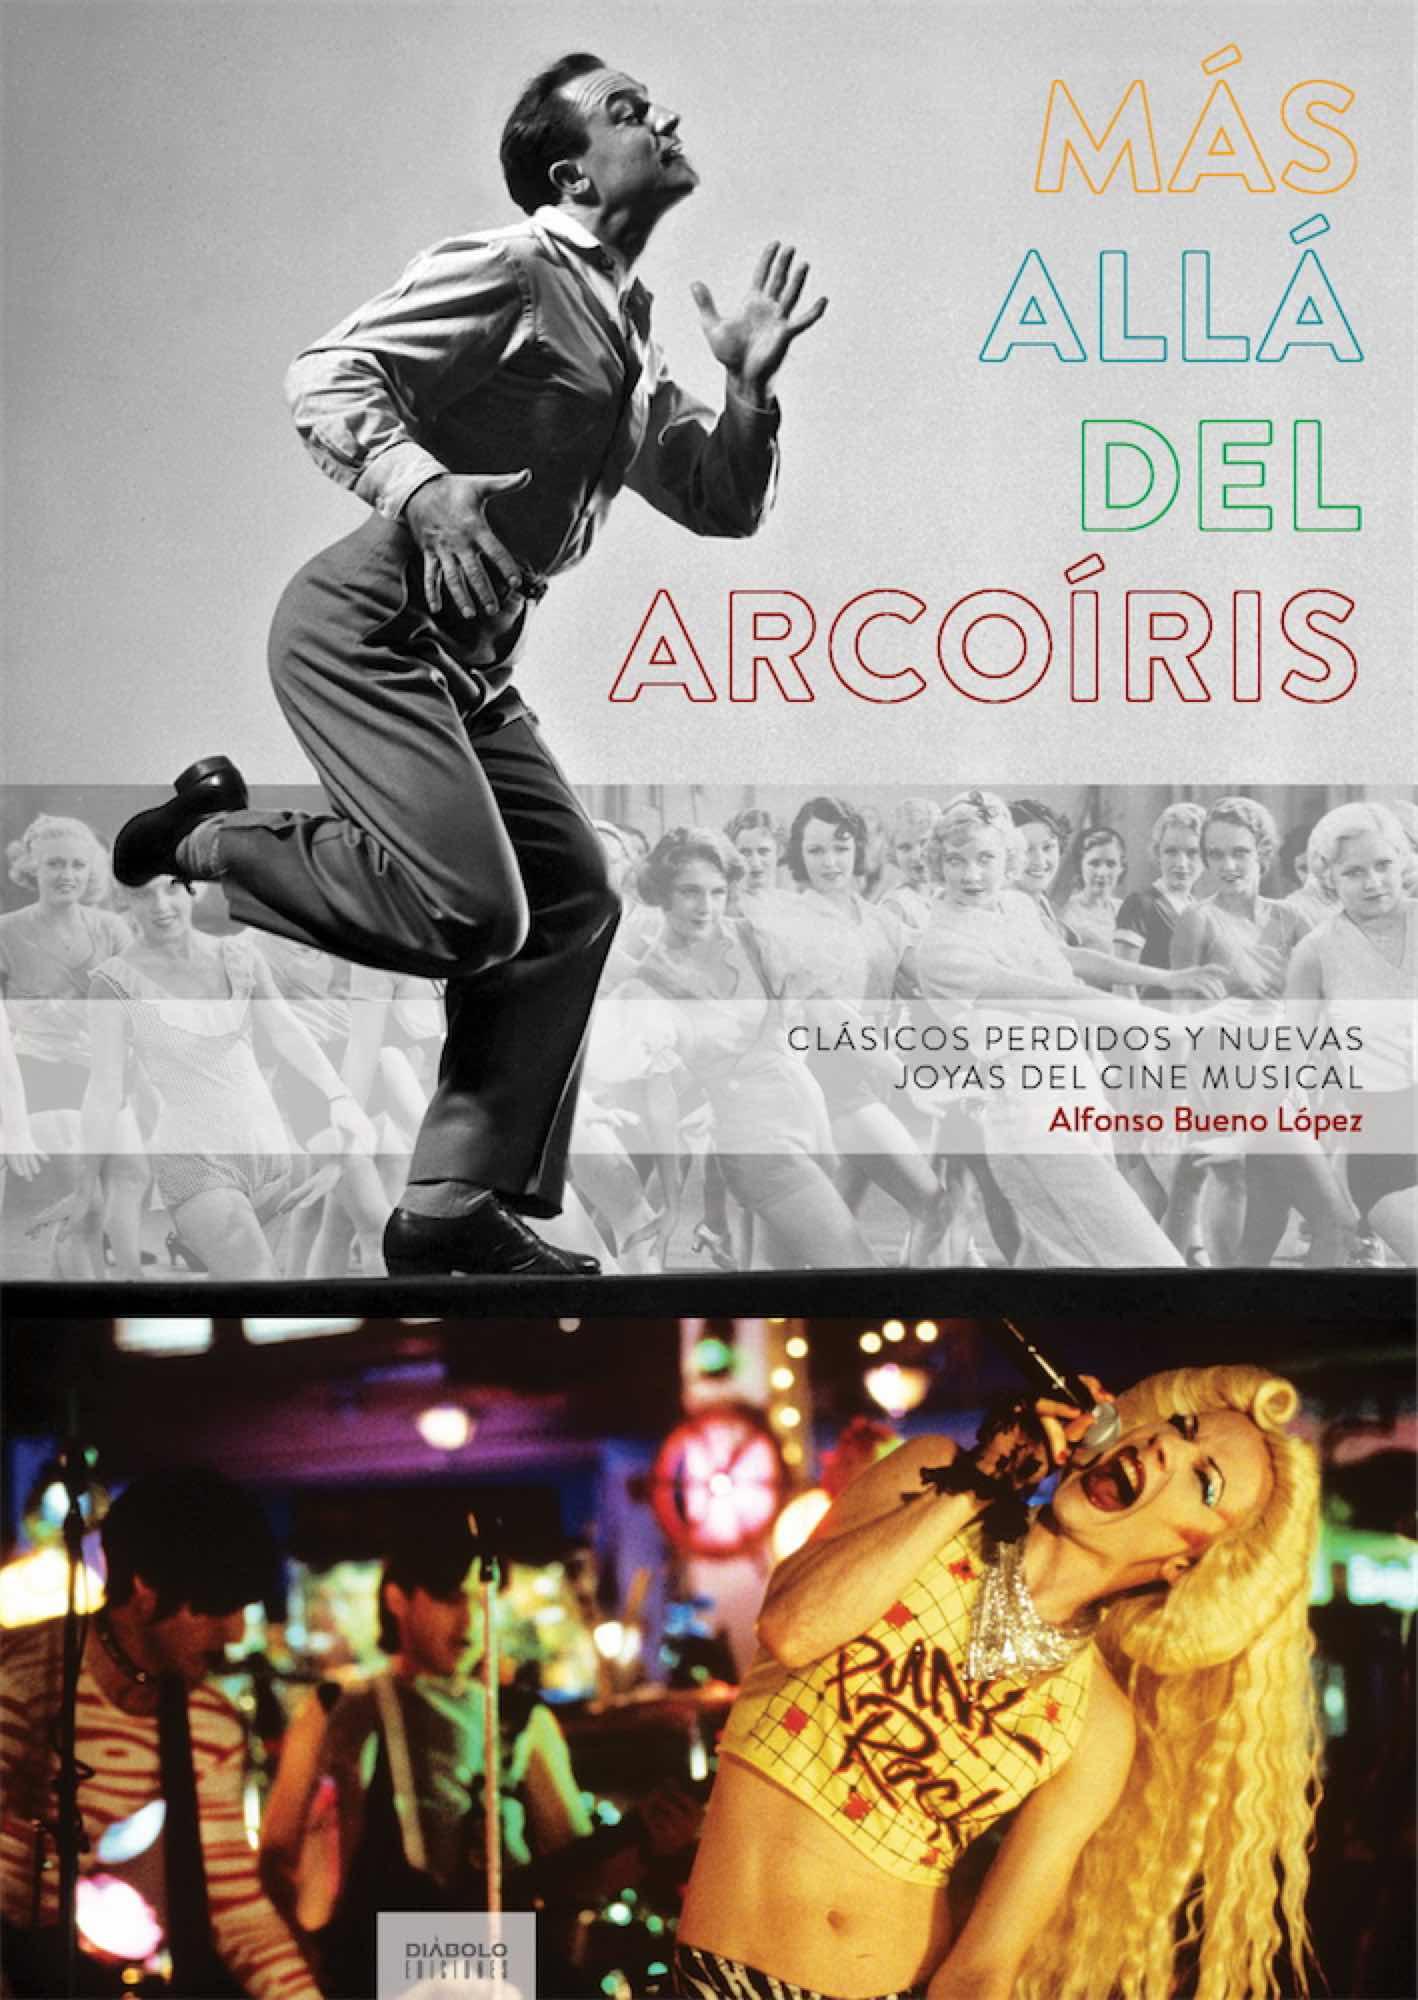 MAS ALLA DEL ARCOIRIS. CLASICOS PERDIDOS Y NUEVAS JOYAS DEL CINE MUSICAL